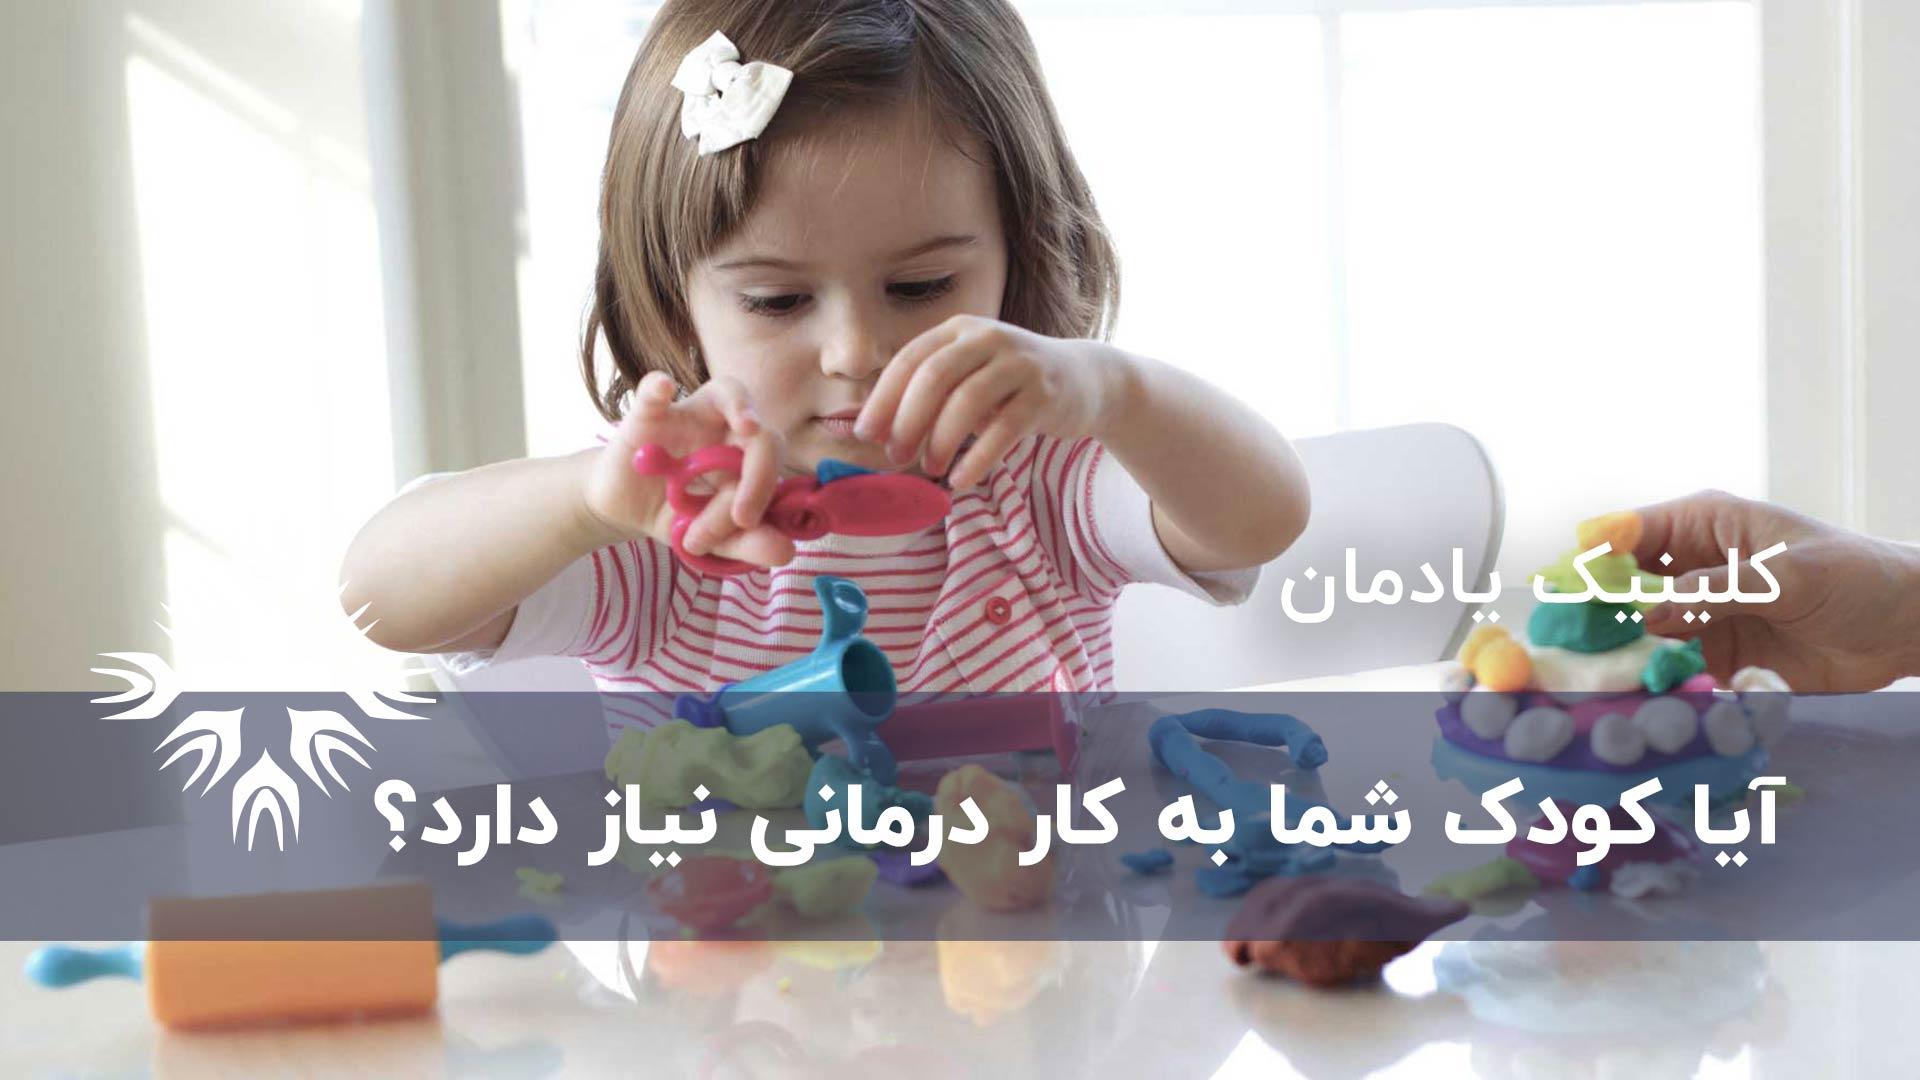 آیا کودک شما به کار درمانی نیاز دارد؟